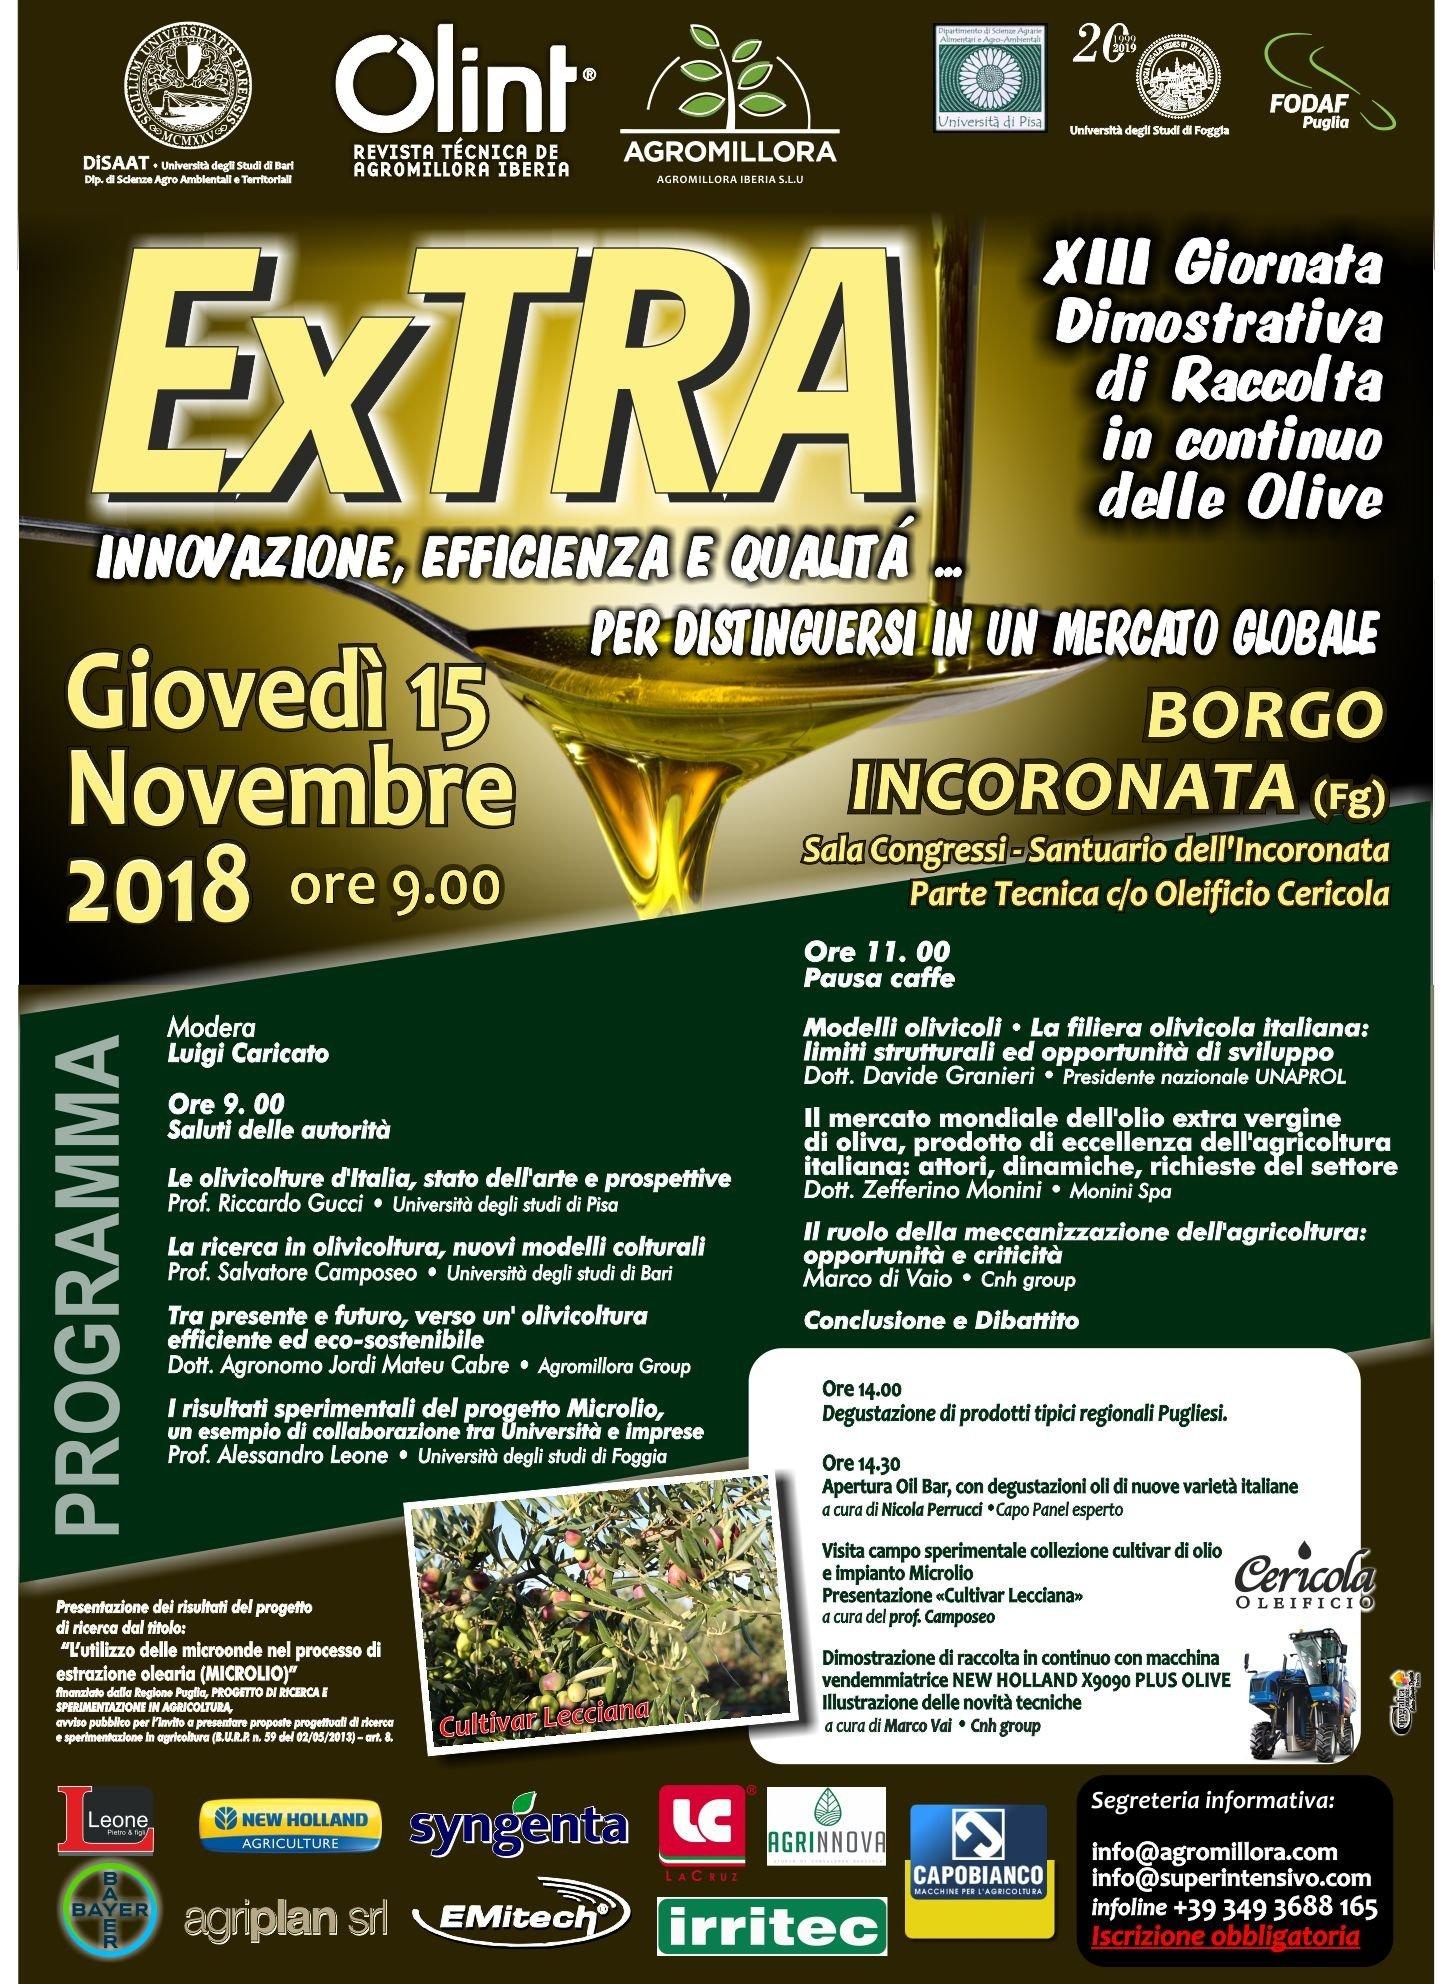 Verso un'olivicoltura efficiente ed eco-sostenibile. Innovazione, efficienza e qualità per distinguersi in un mercato globale